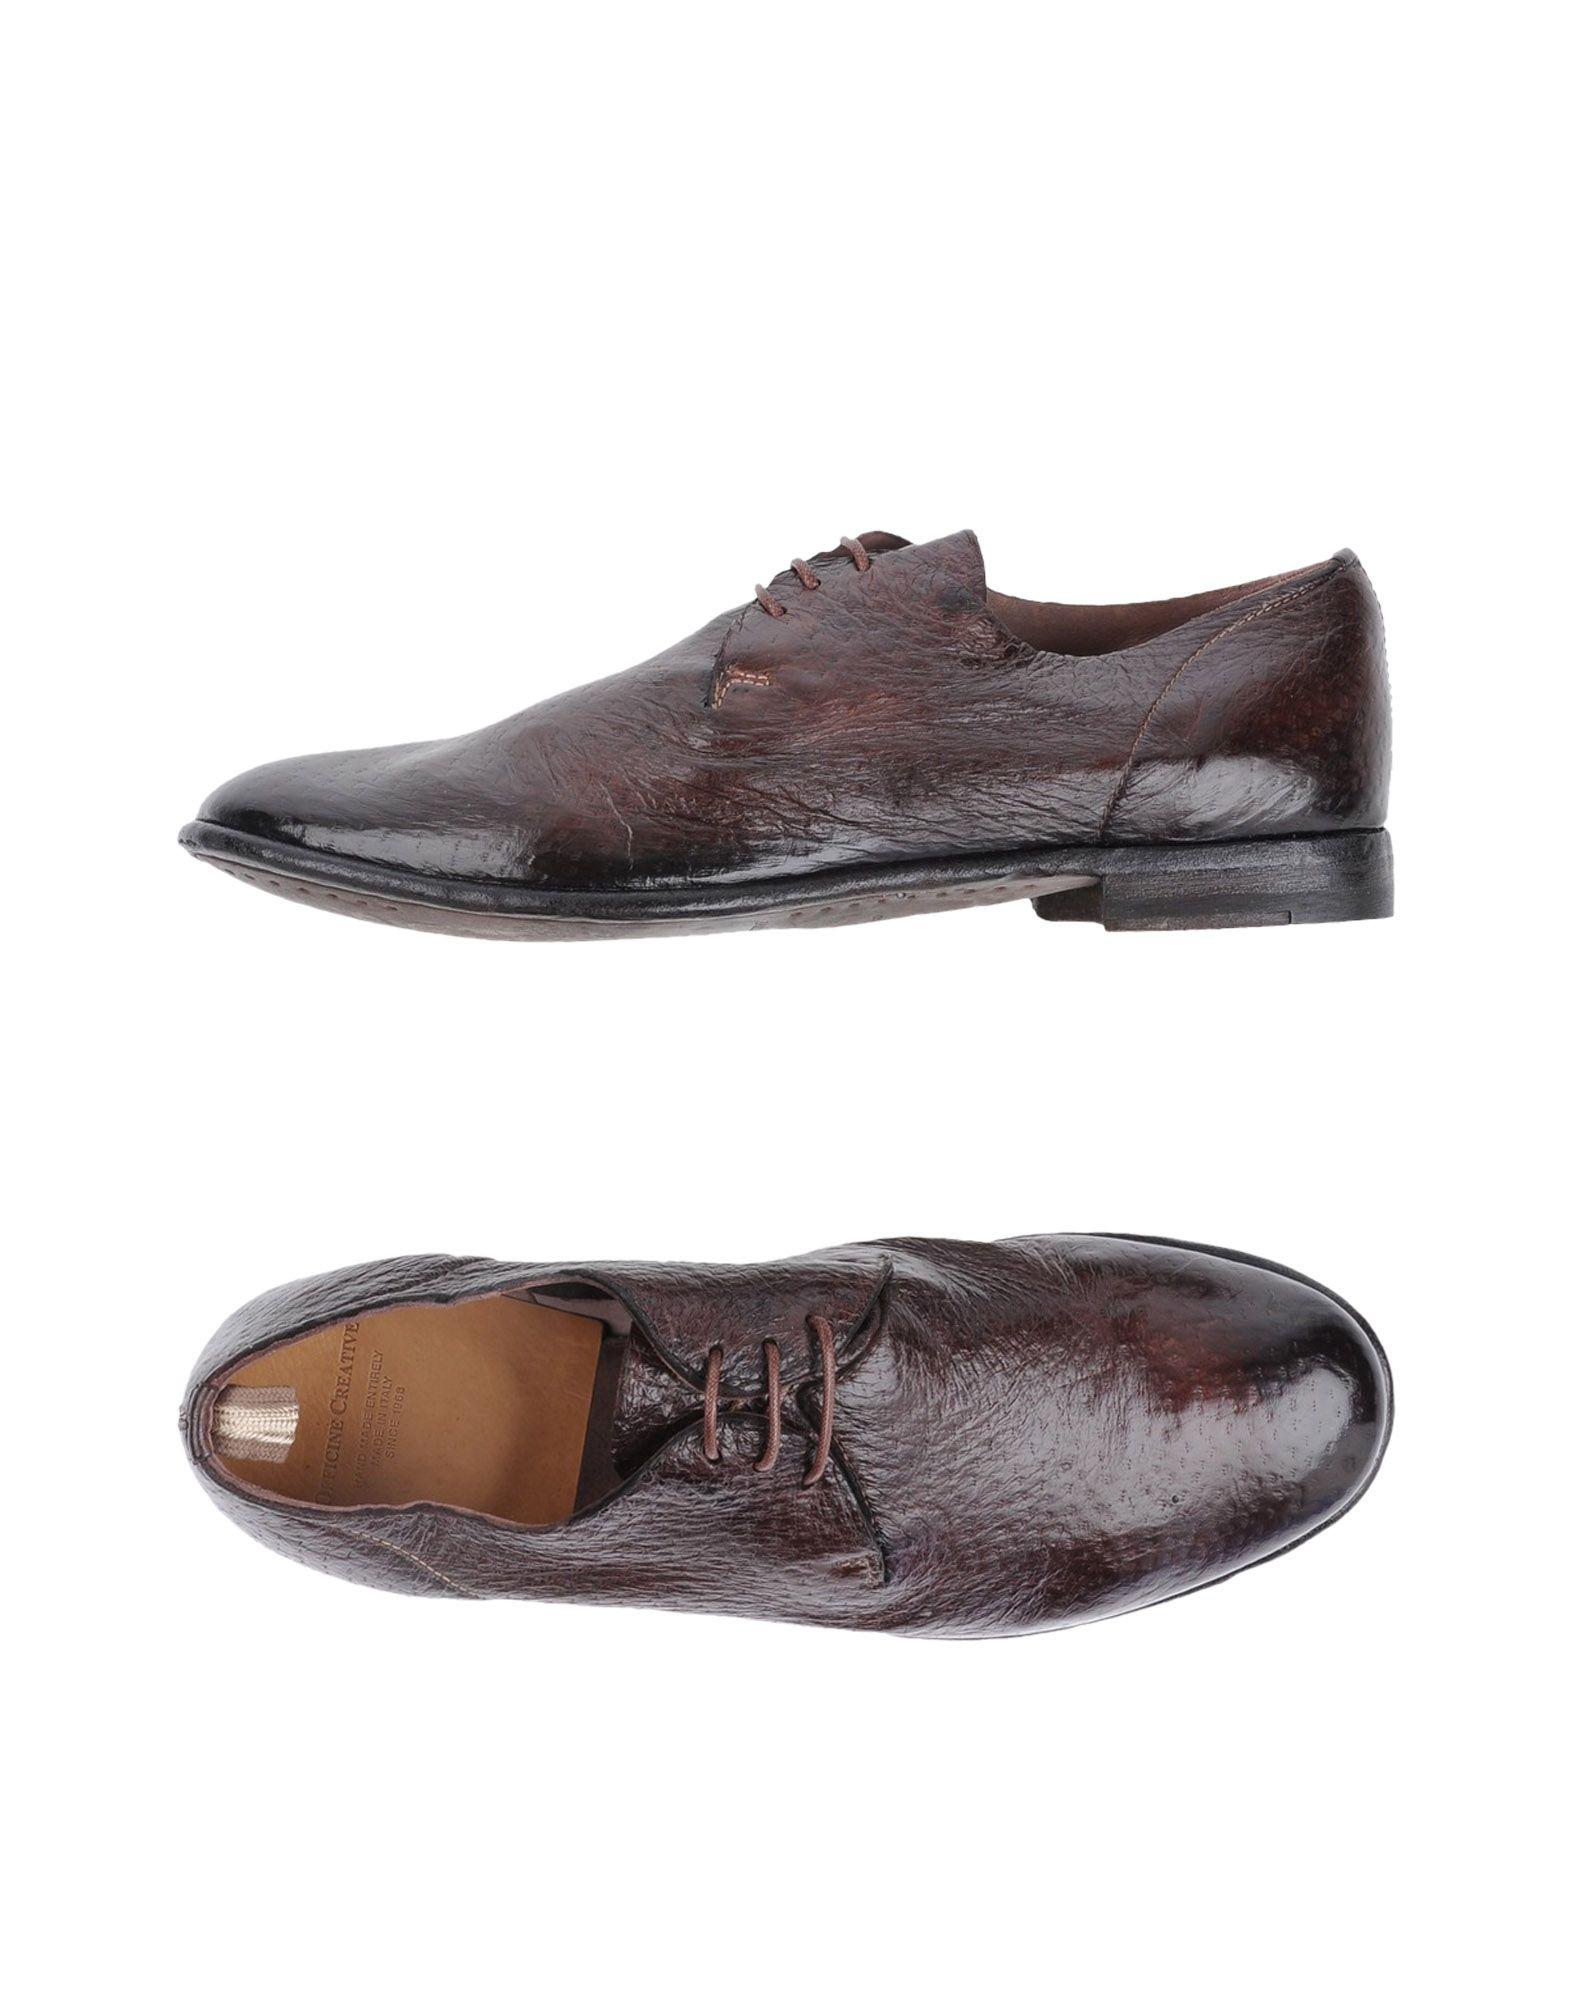 Officine Creative Italia Schnürschuhe strapazierfähige Damen  11332913EIGut aussehende strapazierfähige Schnürschuhe Schuhe 97139d